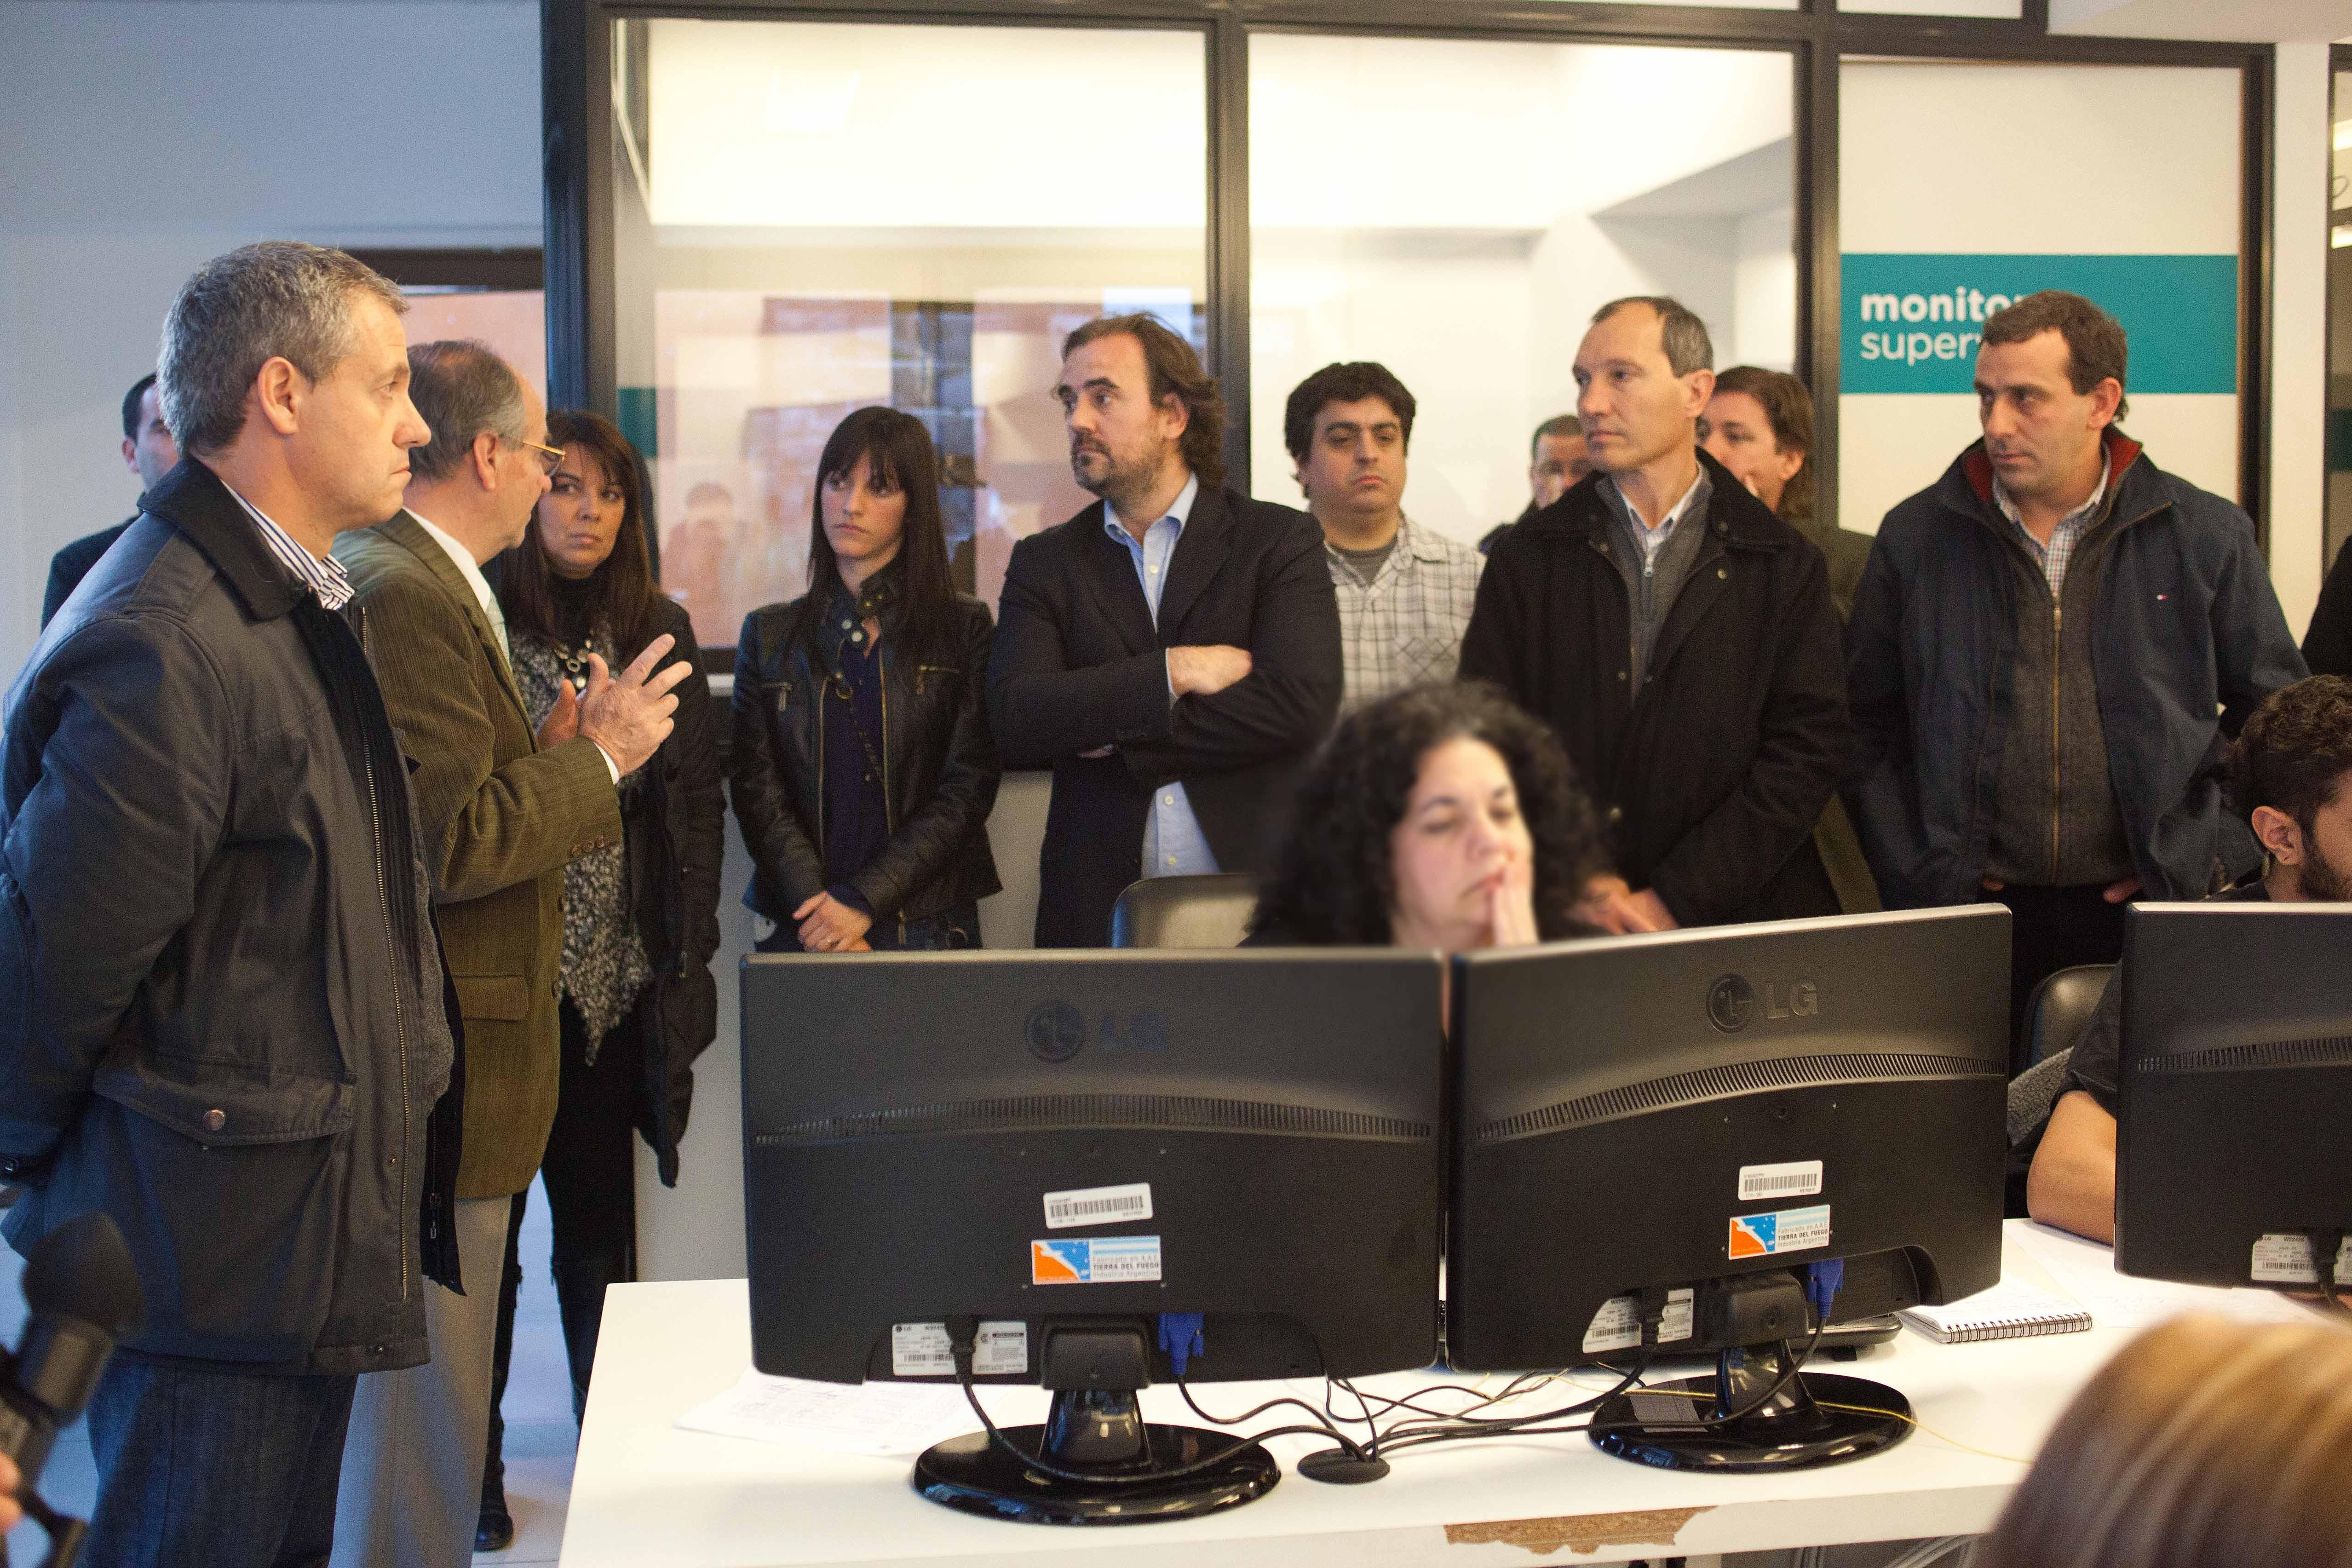 Foto MGP -  Centro Municipal de Monitoreo - visita fiscales y oposición - Artime Ventimiglia